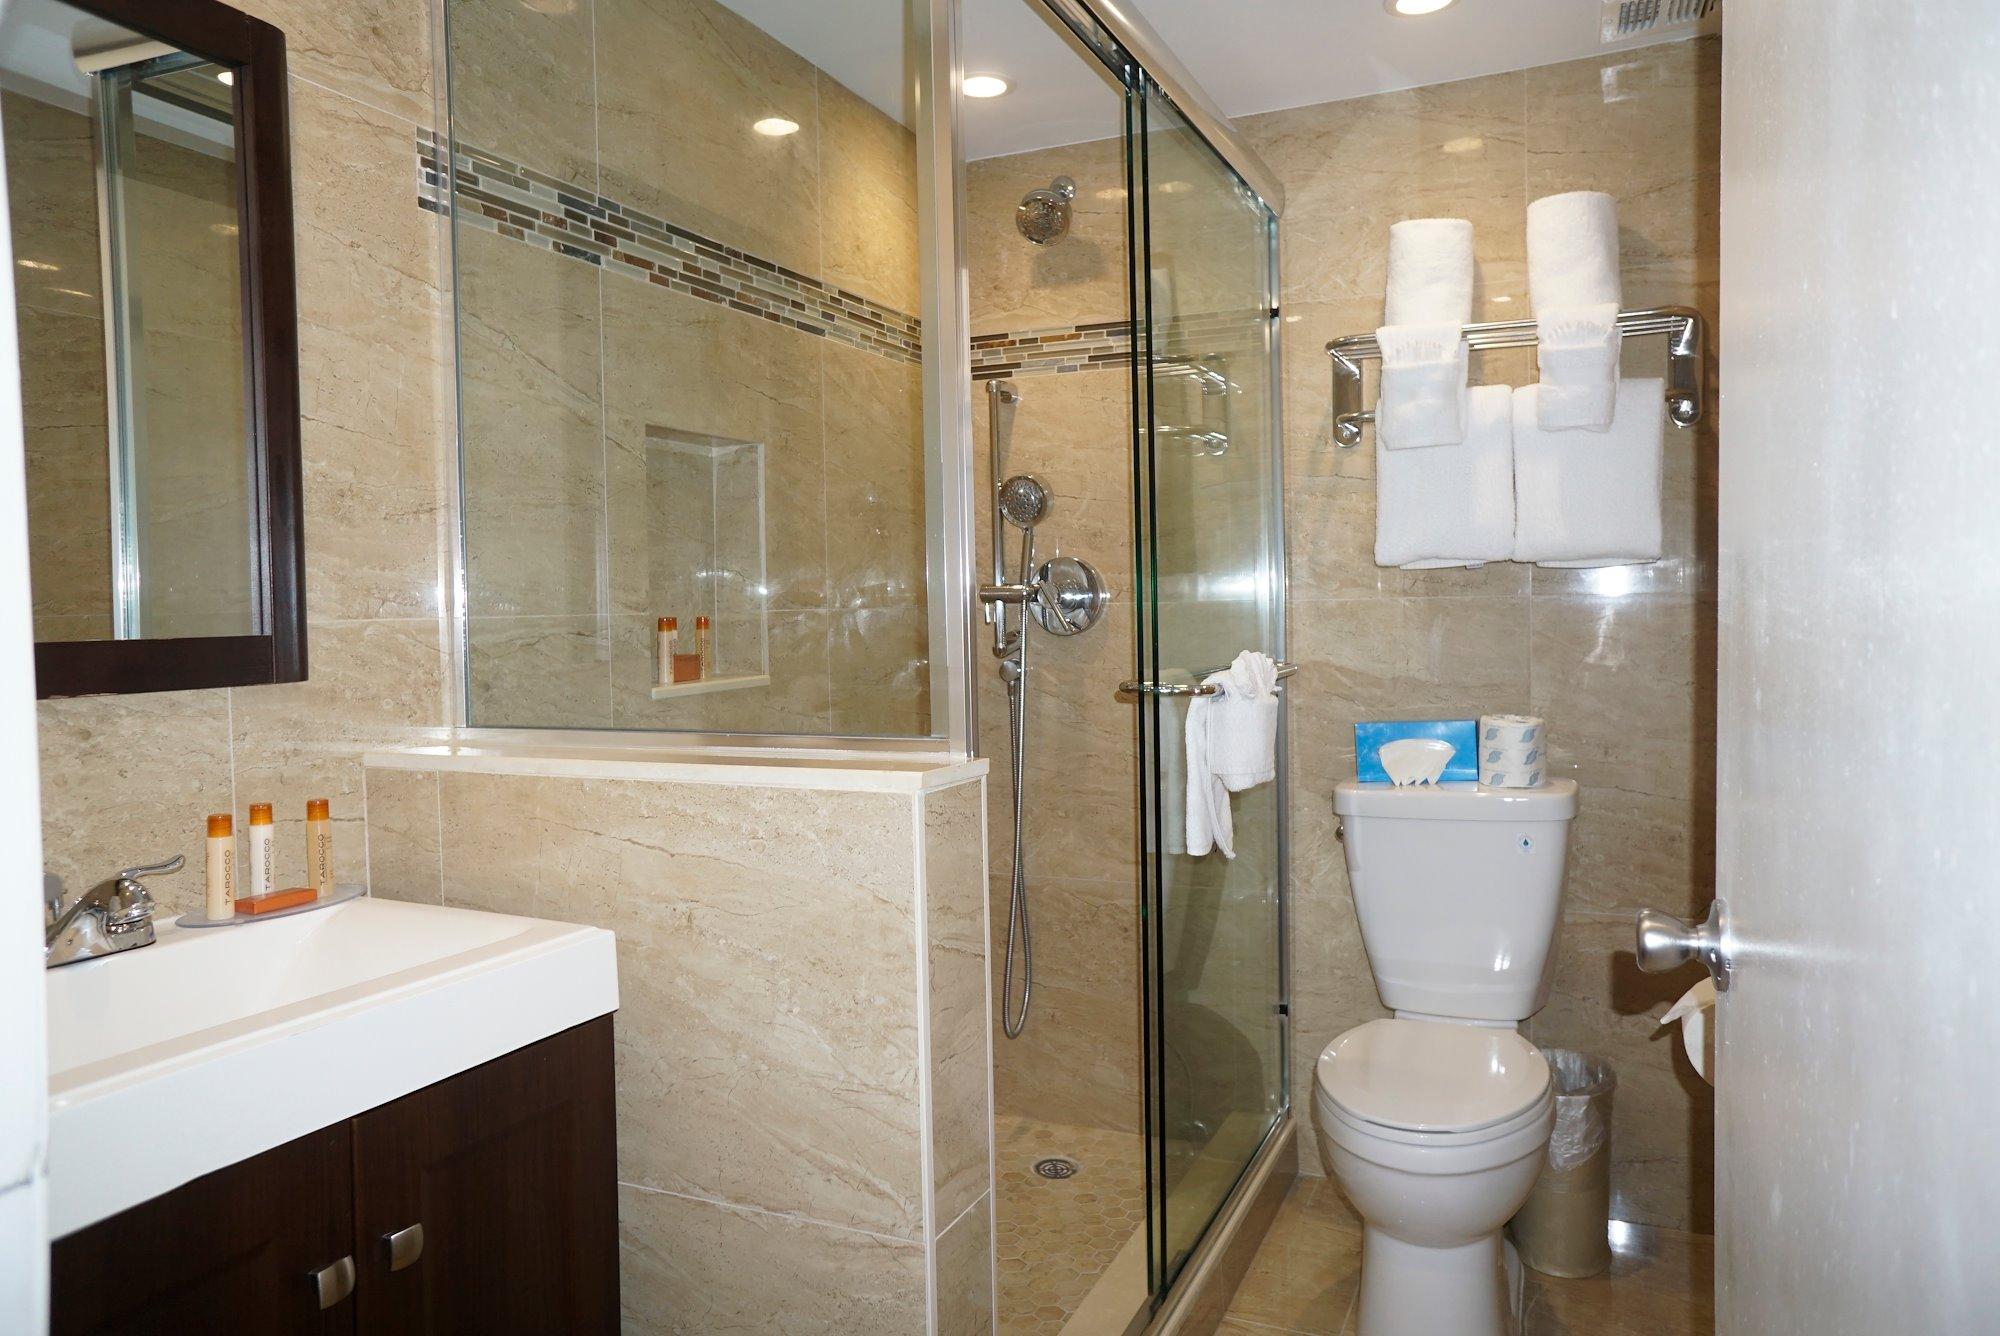 Ocean Sky Hotel - Deluxe Room Bathroom